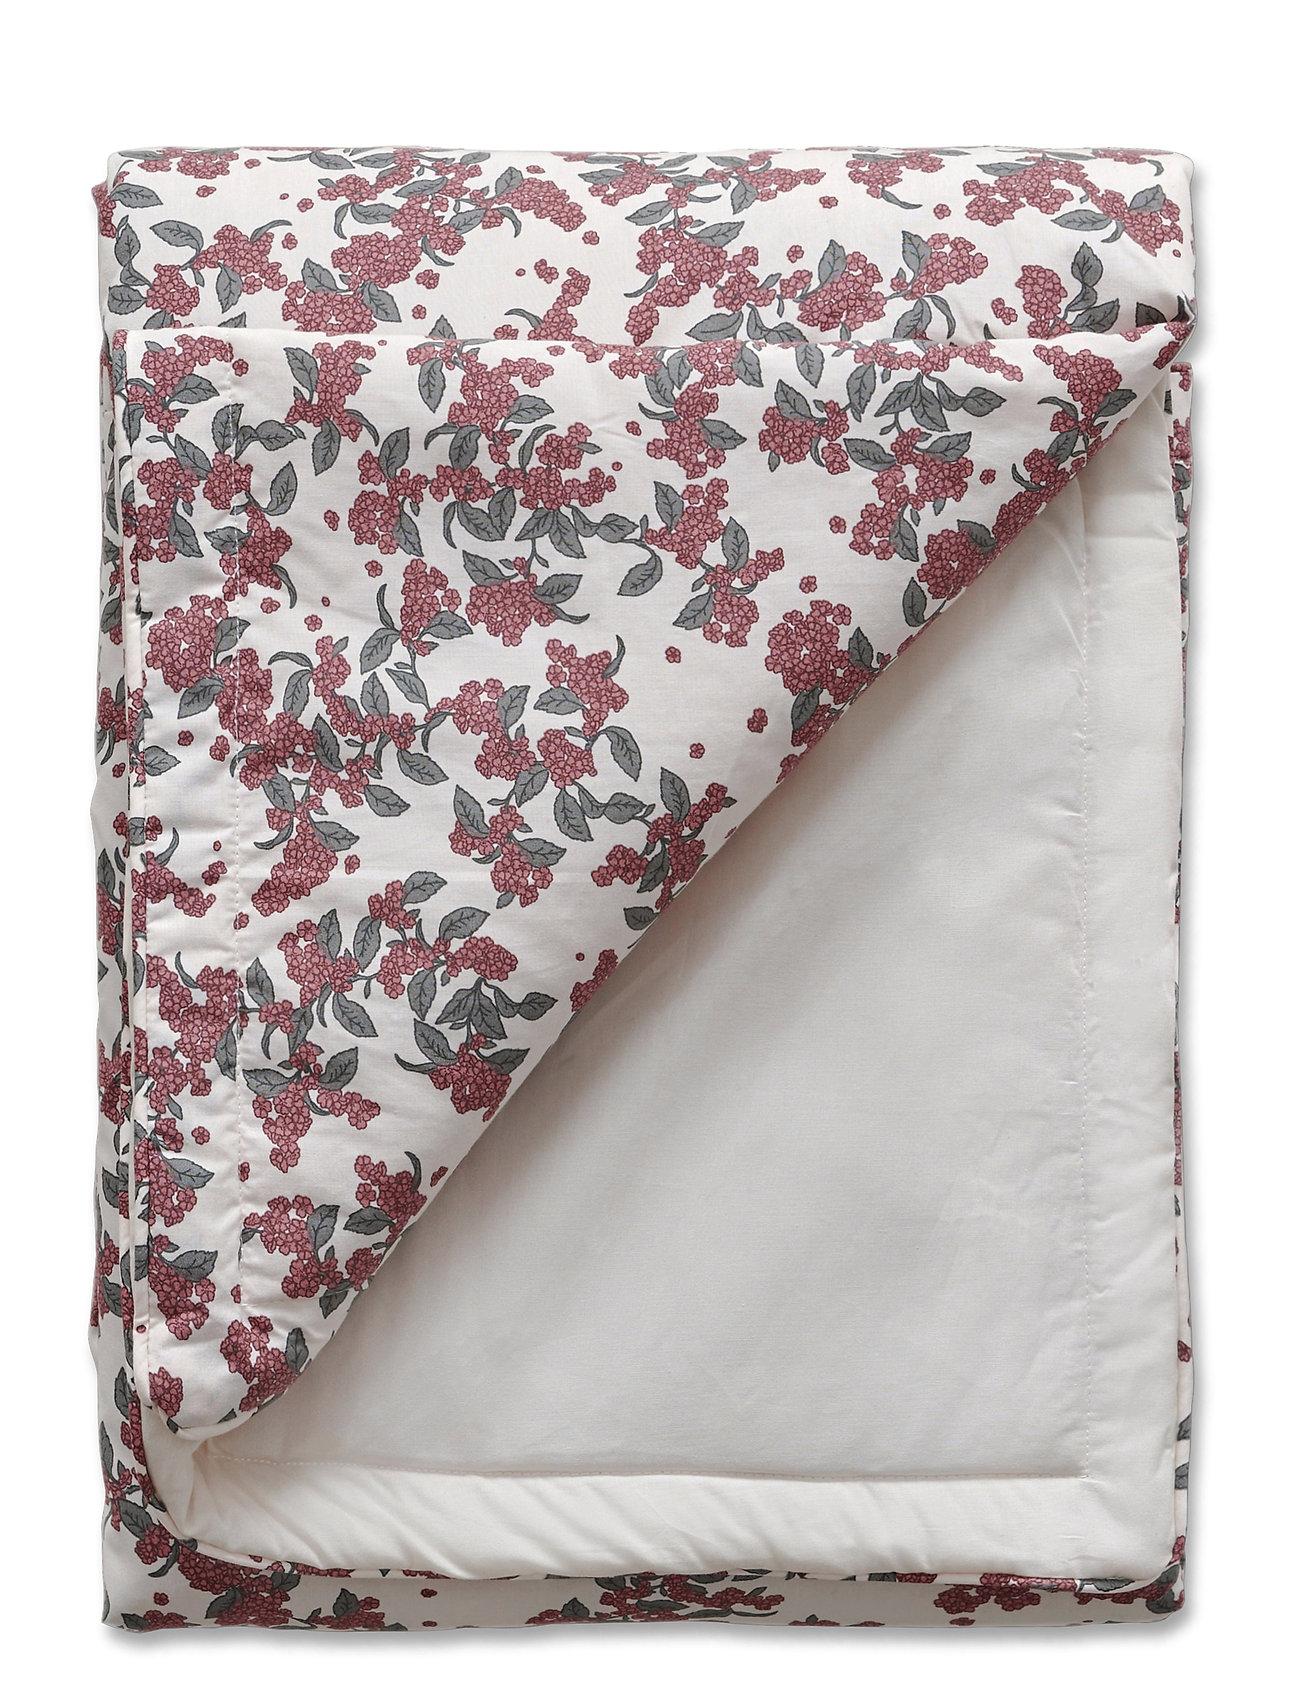 Filled Blanket